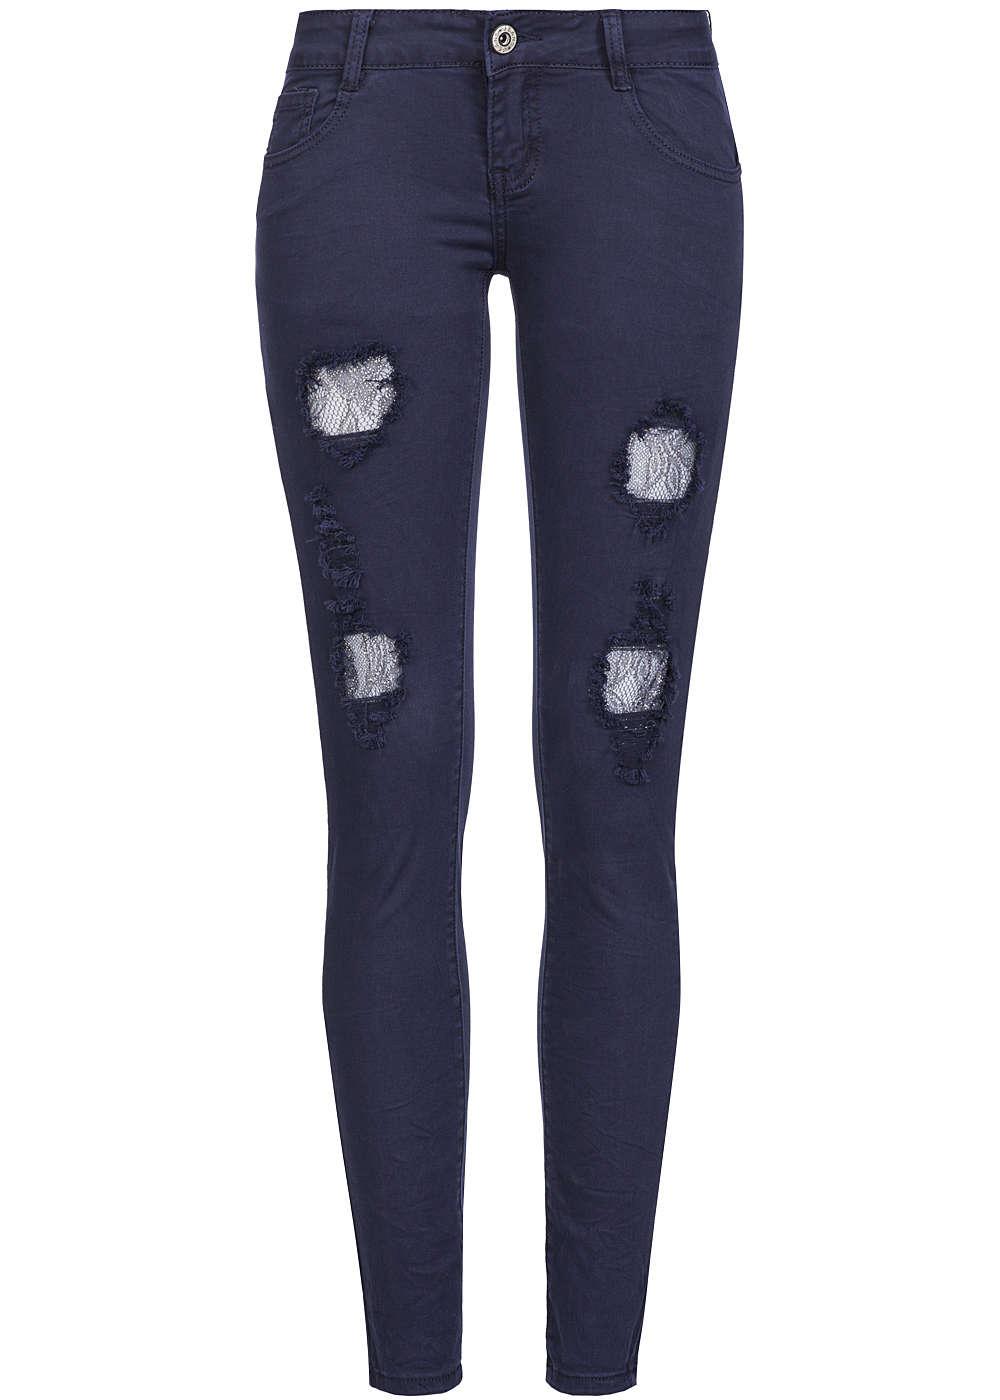 hailys damen jeans 5 pocket style destroy look spitze mit. Black Bedroom Furniture Sets. Home Design Ideas